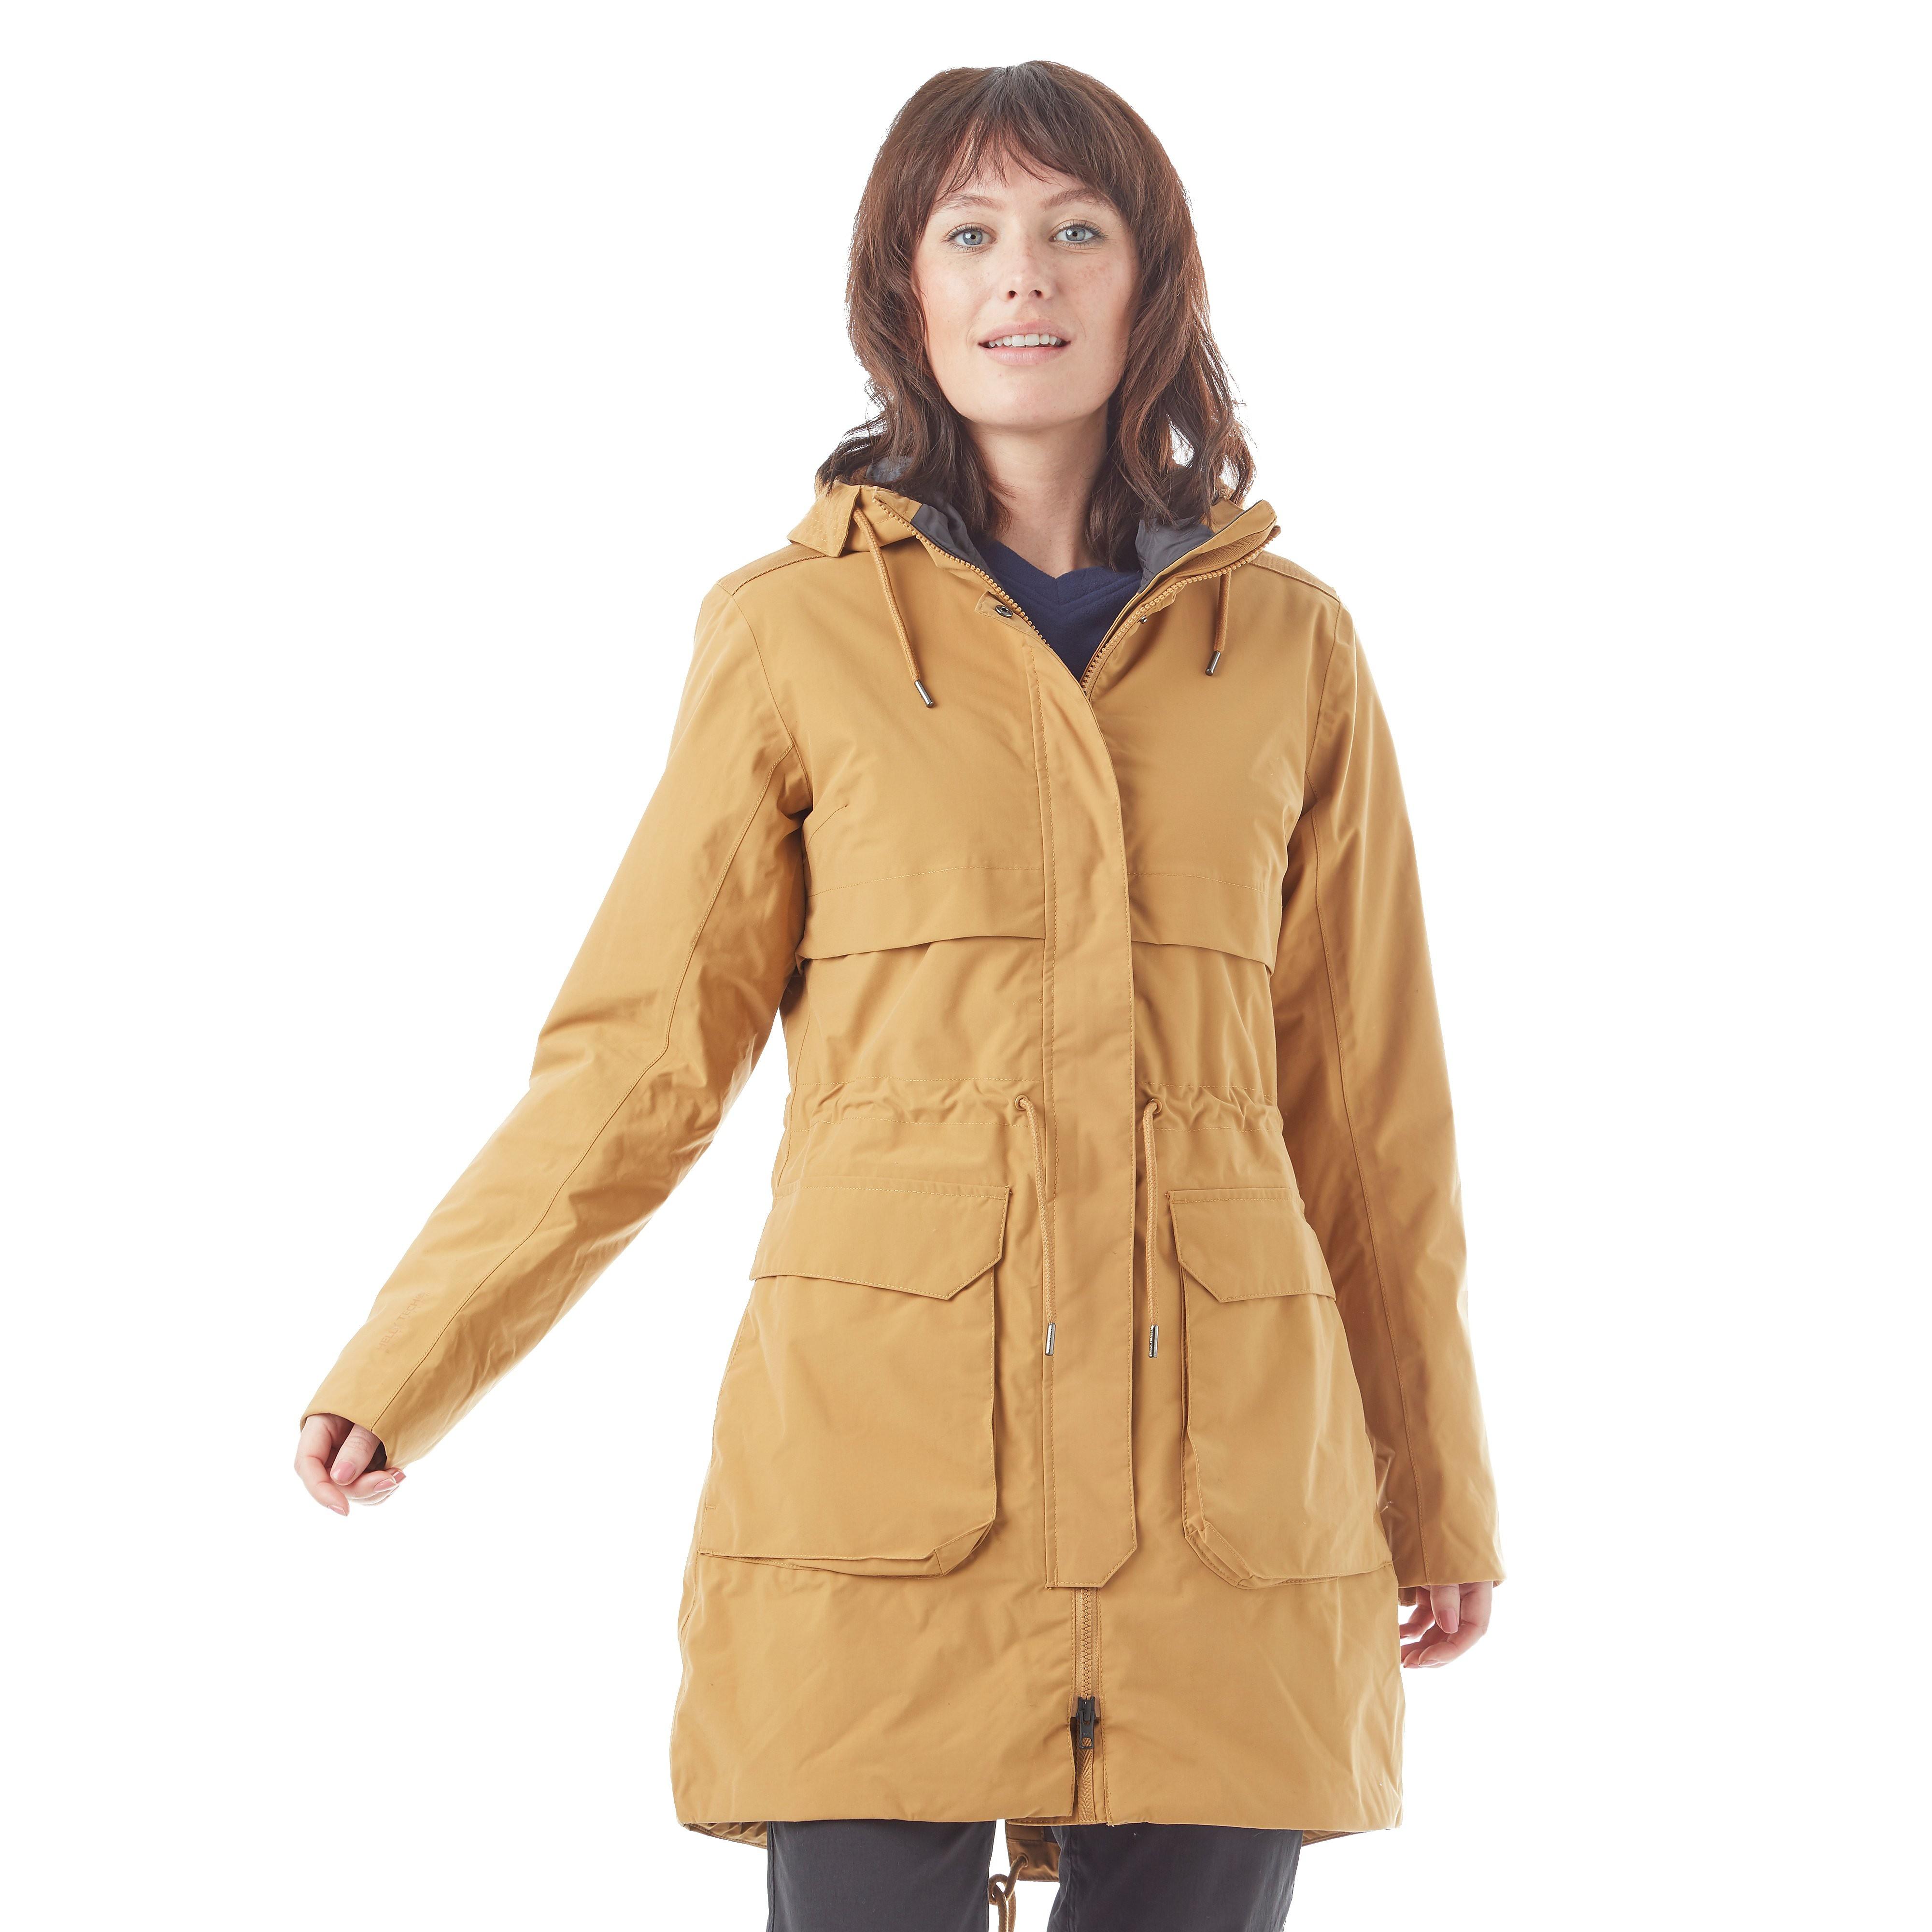 Helly Hansen Boyne Waterproof Women's Parka Jacket